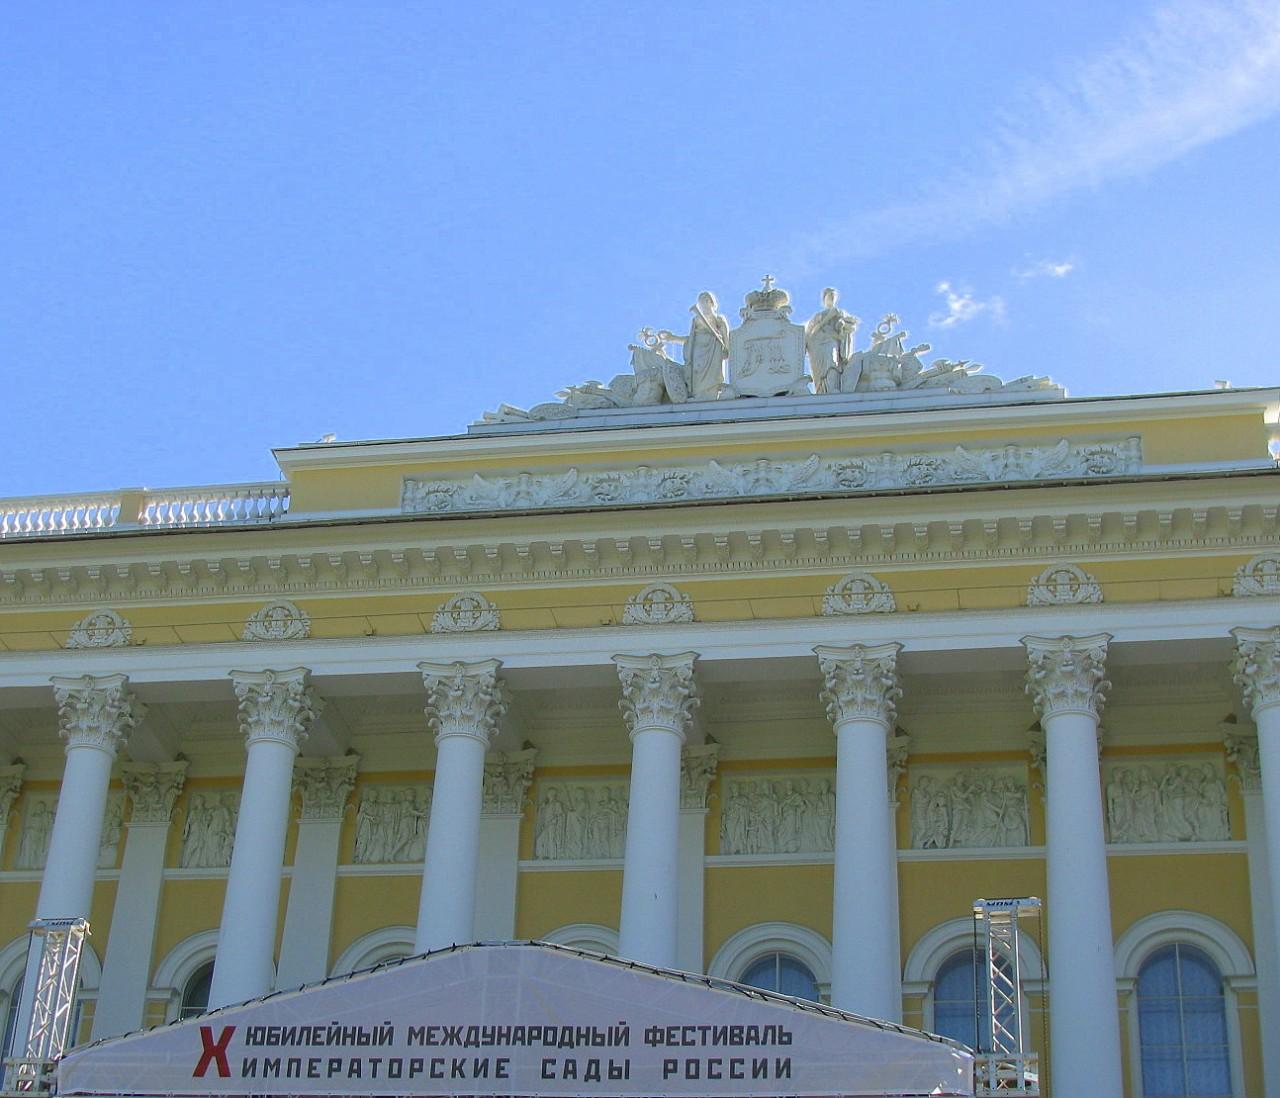 Юбилейный фестиваль в Михайловском саду Санкт-Петербурга.